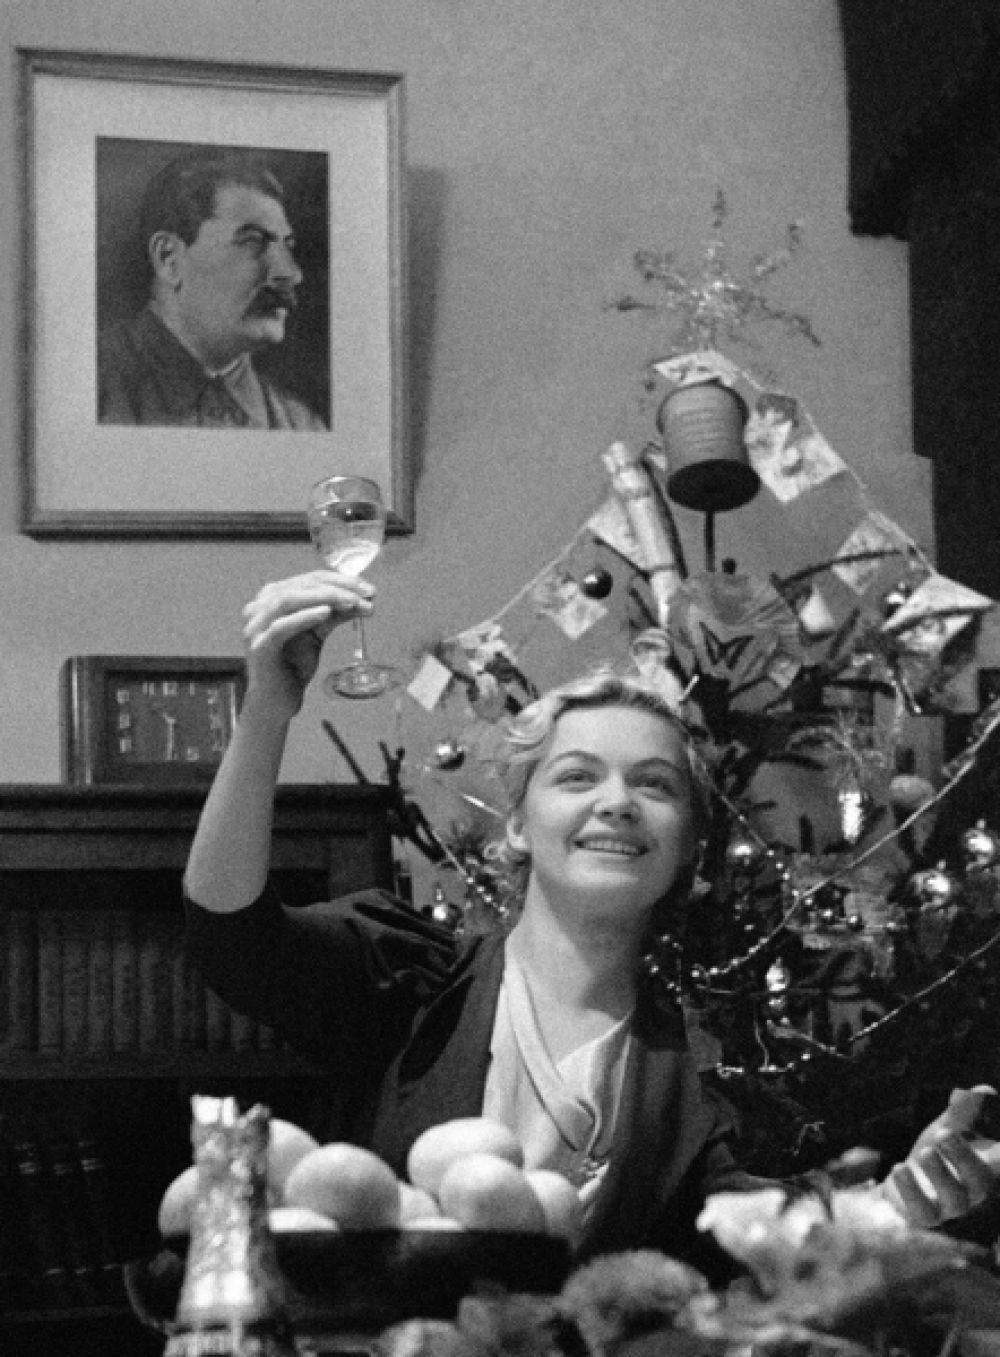 Традиции празднования Нового года в СССР начали по-настоящему складываться только после войны. 1 января стал выходным днём в 1947 году, лишь тогда у жителей СССР появилась возможность как следует погулять в новогоднюю ночь. На фото: 1939 год.